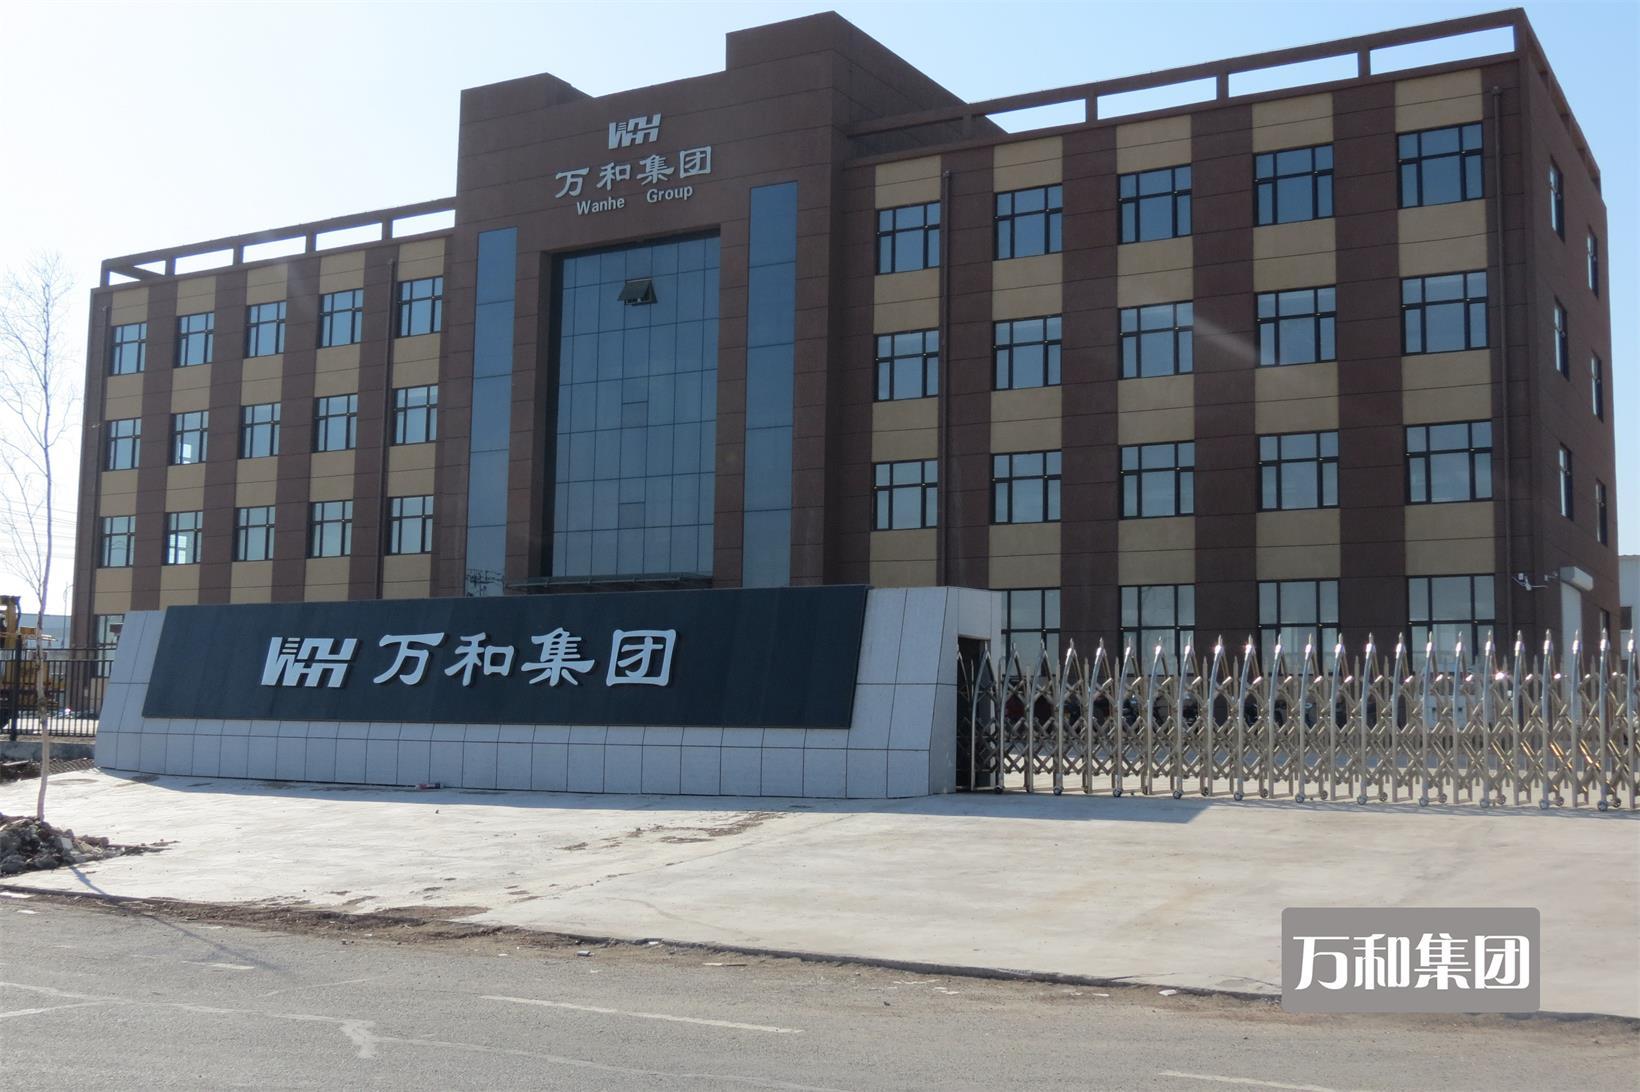 吉林省万和光电集团有限公司